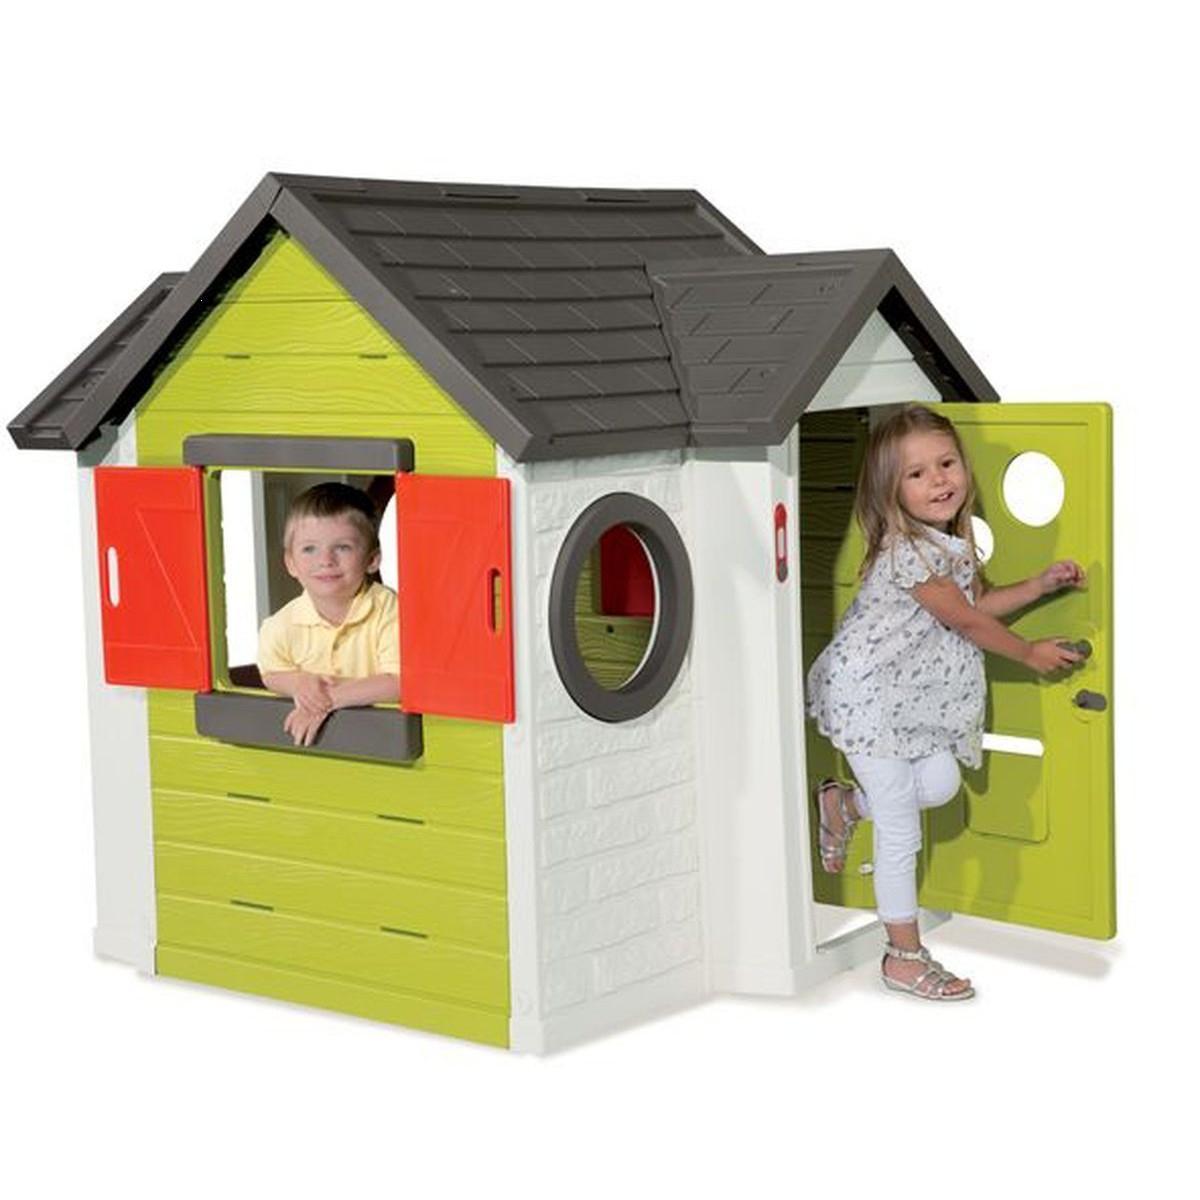 Cabane Enfant ⇒ Comparatif, Avis Et Meilleurs Modèles 2020 dedans Maisonnette De Jardin Enfant